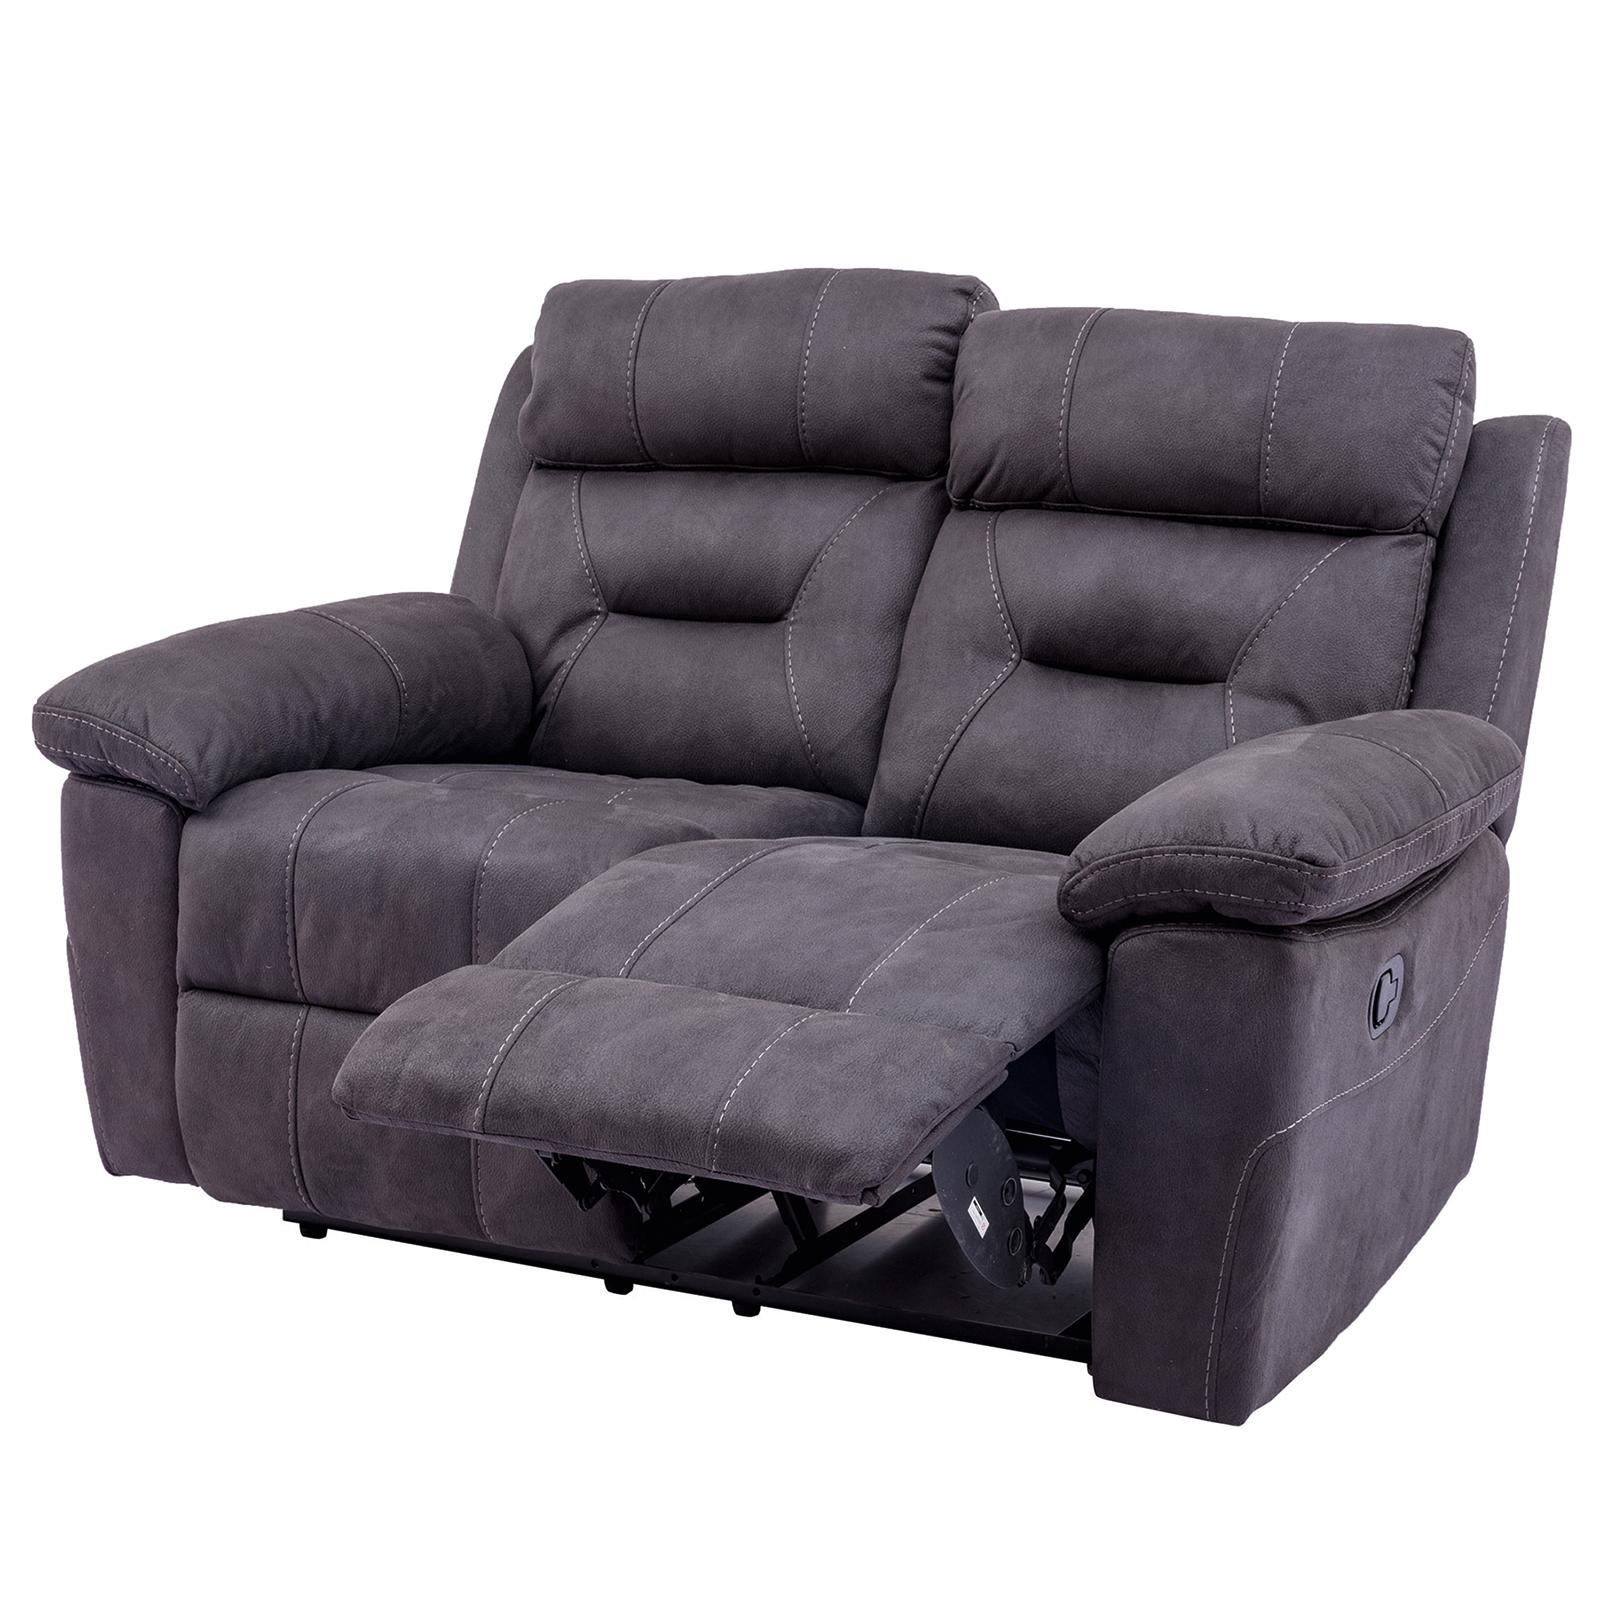 Full Size of 2 Sitzer Sofa Grau Mit Relaxfunktion 145 Cm Breit Online Weißes Polster Reinigen Benz Kunstleder Erpo Bett 200x180 2er Schlafsofa Liegefläche 180x200 Sofa 2 Sitzer Sofa